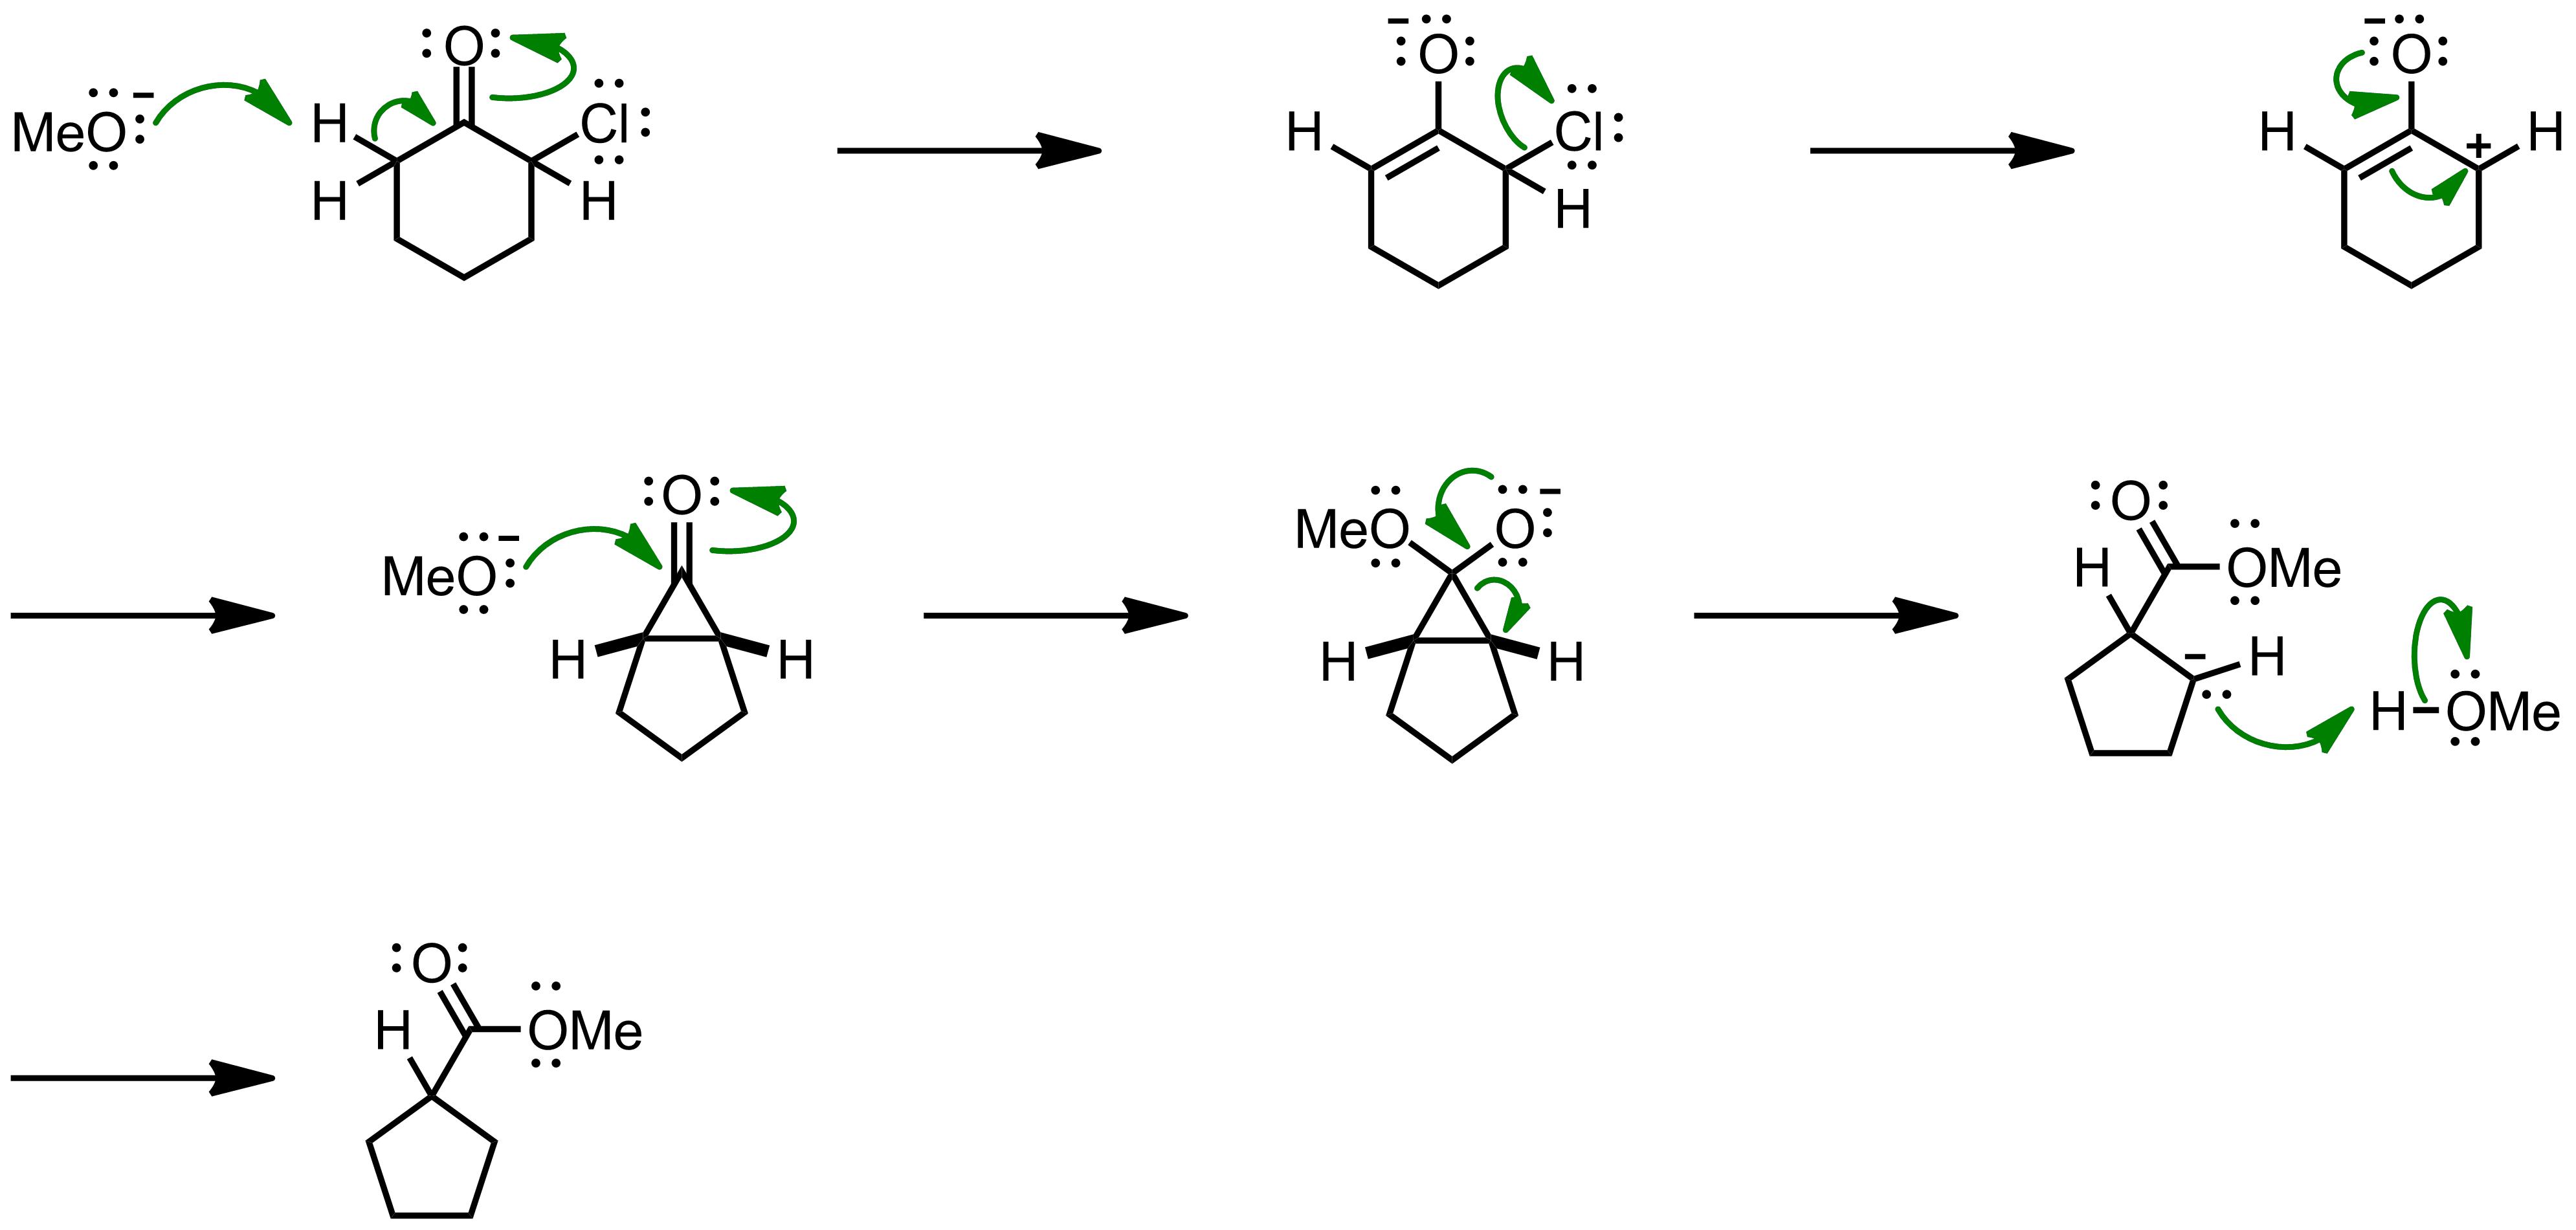 Mechanism of the Favorskii Rearrangement